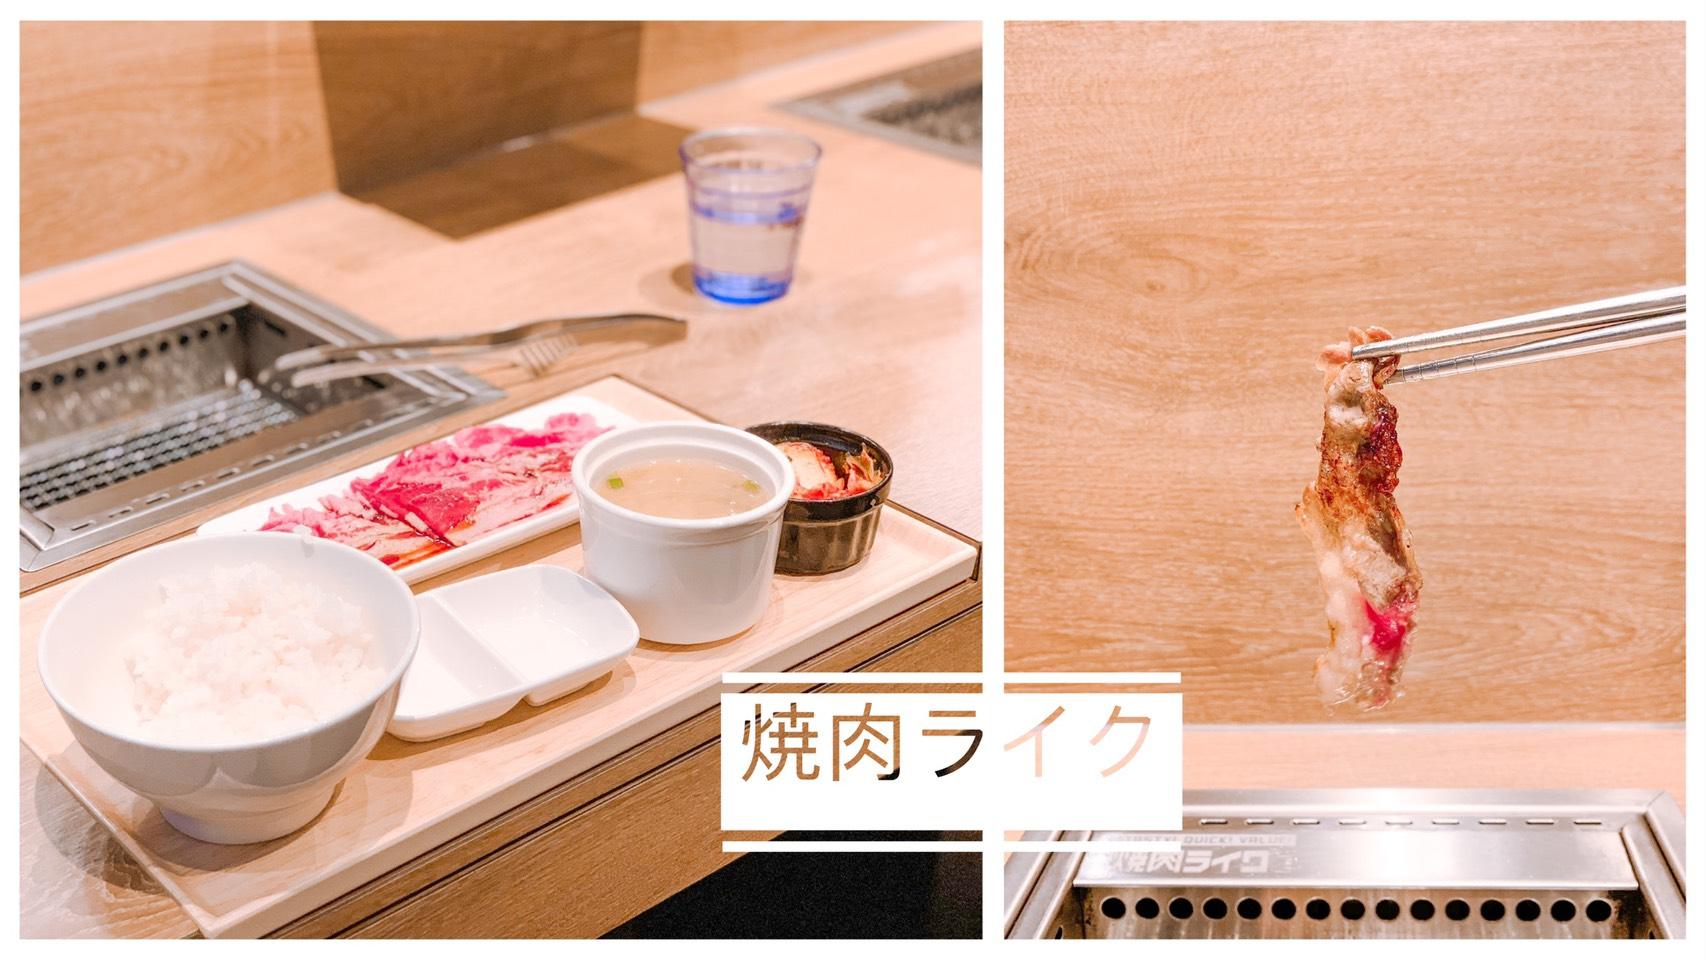 邊緣人也能吃燒肉!新莊宏匯廣場【燒肉like】讓你一個人爽吃不怕異樣眼光。